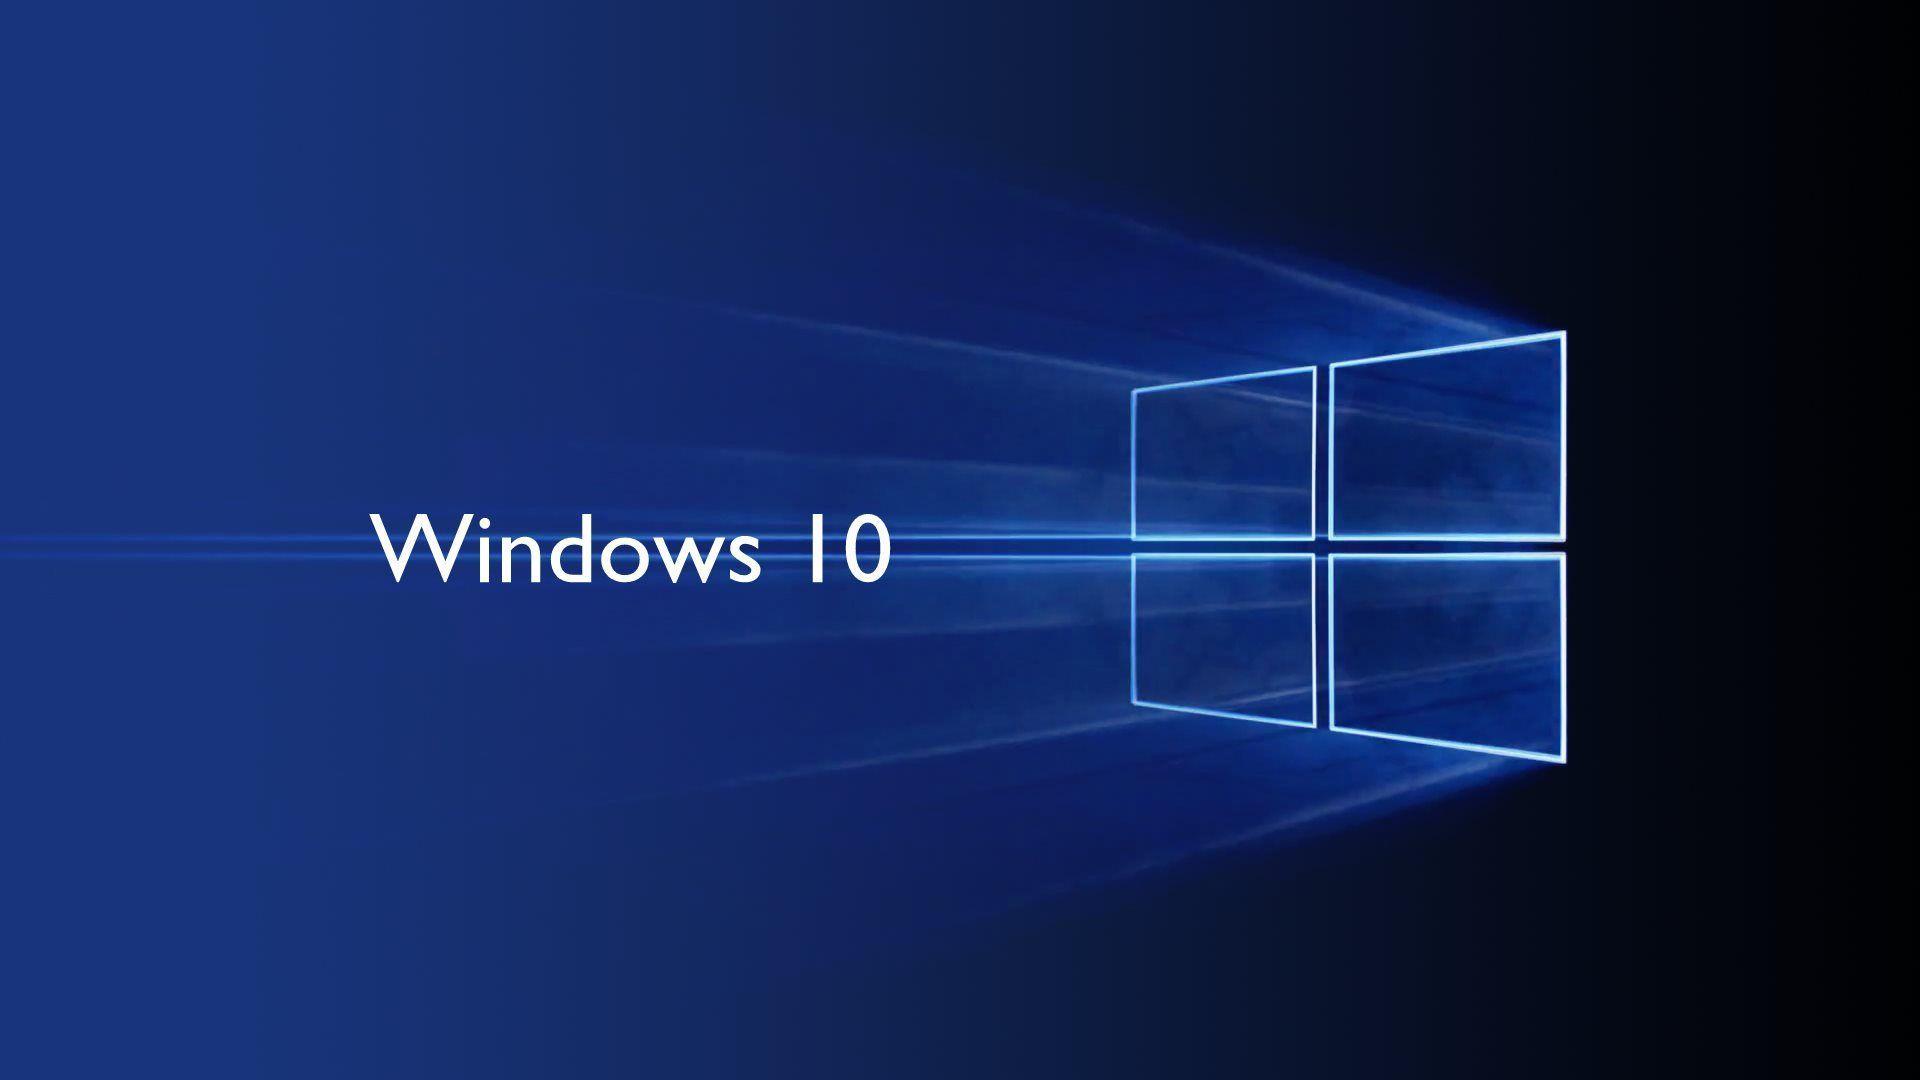 In questa guida scoprirete quali sono i migliori tool software per attivare windows 10 senza crack o seriali